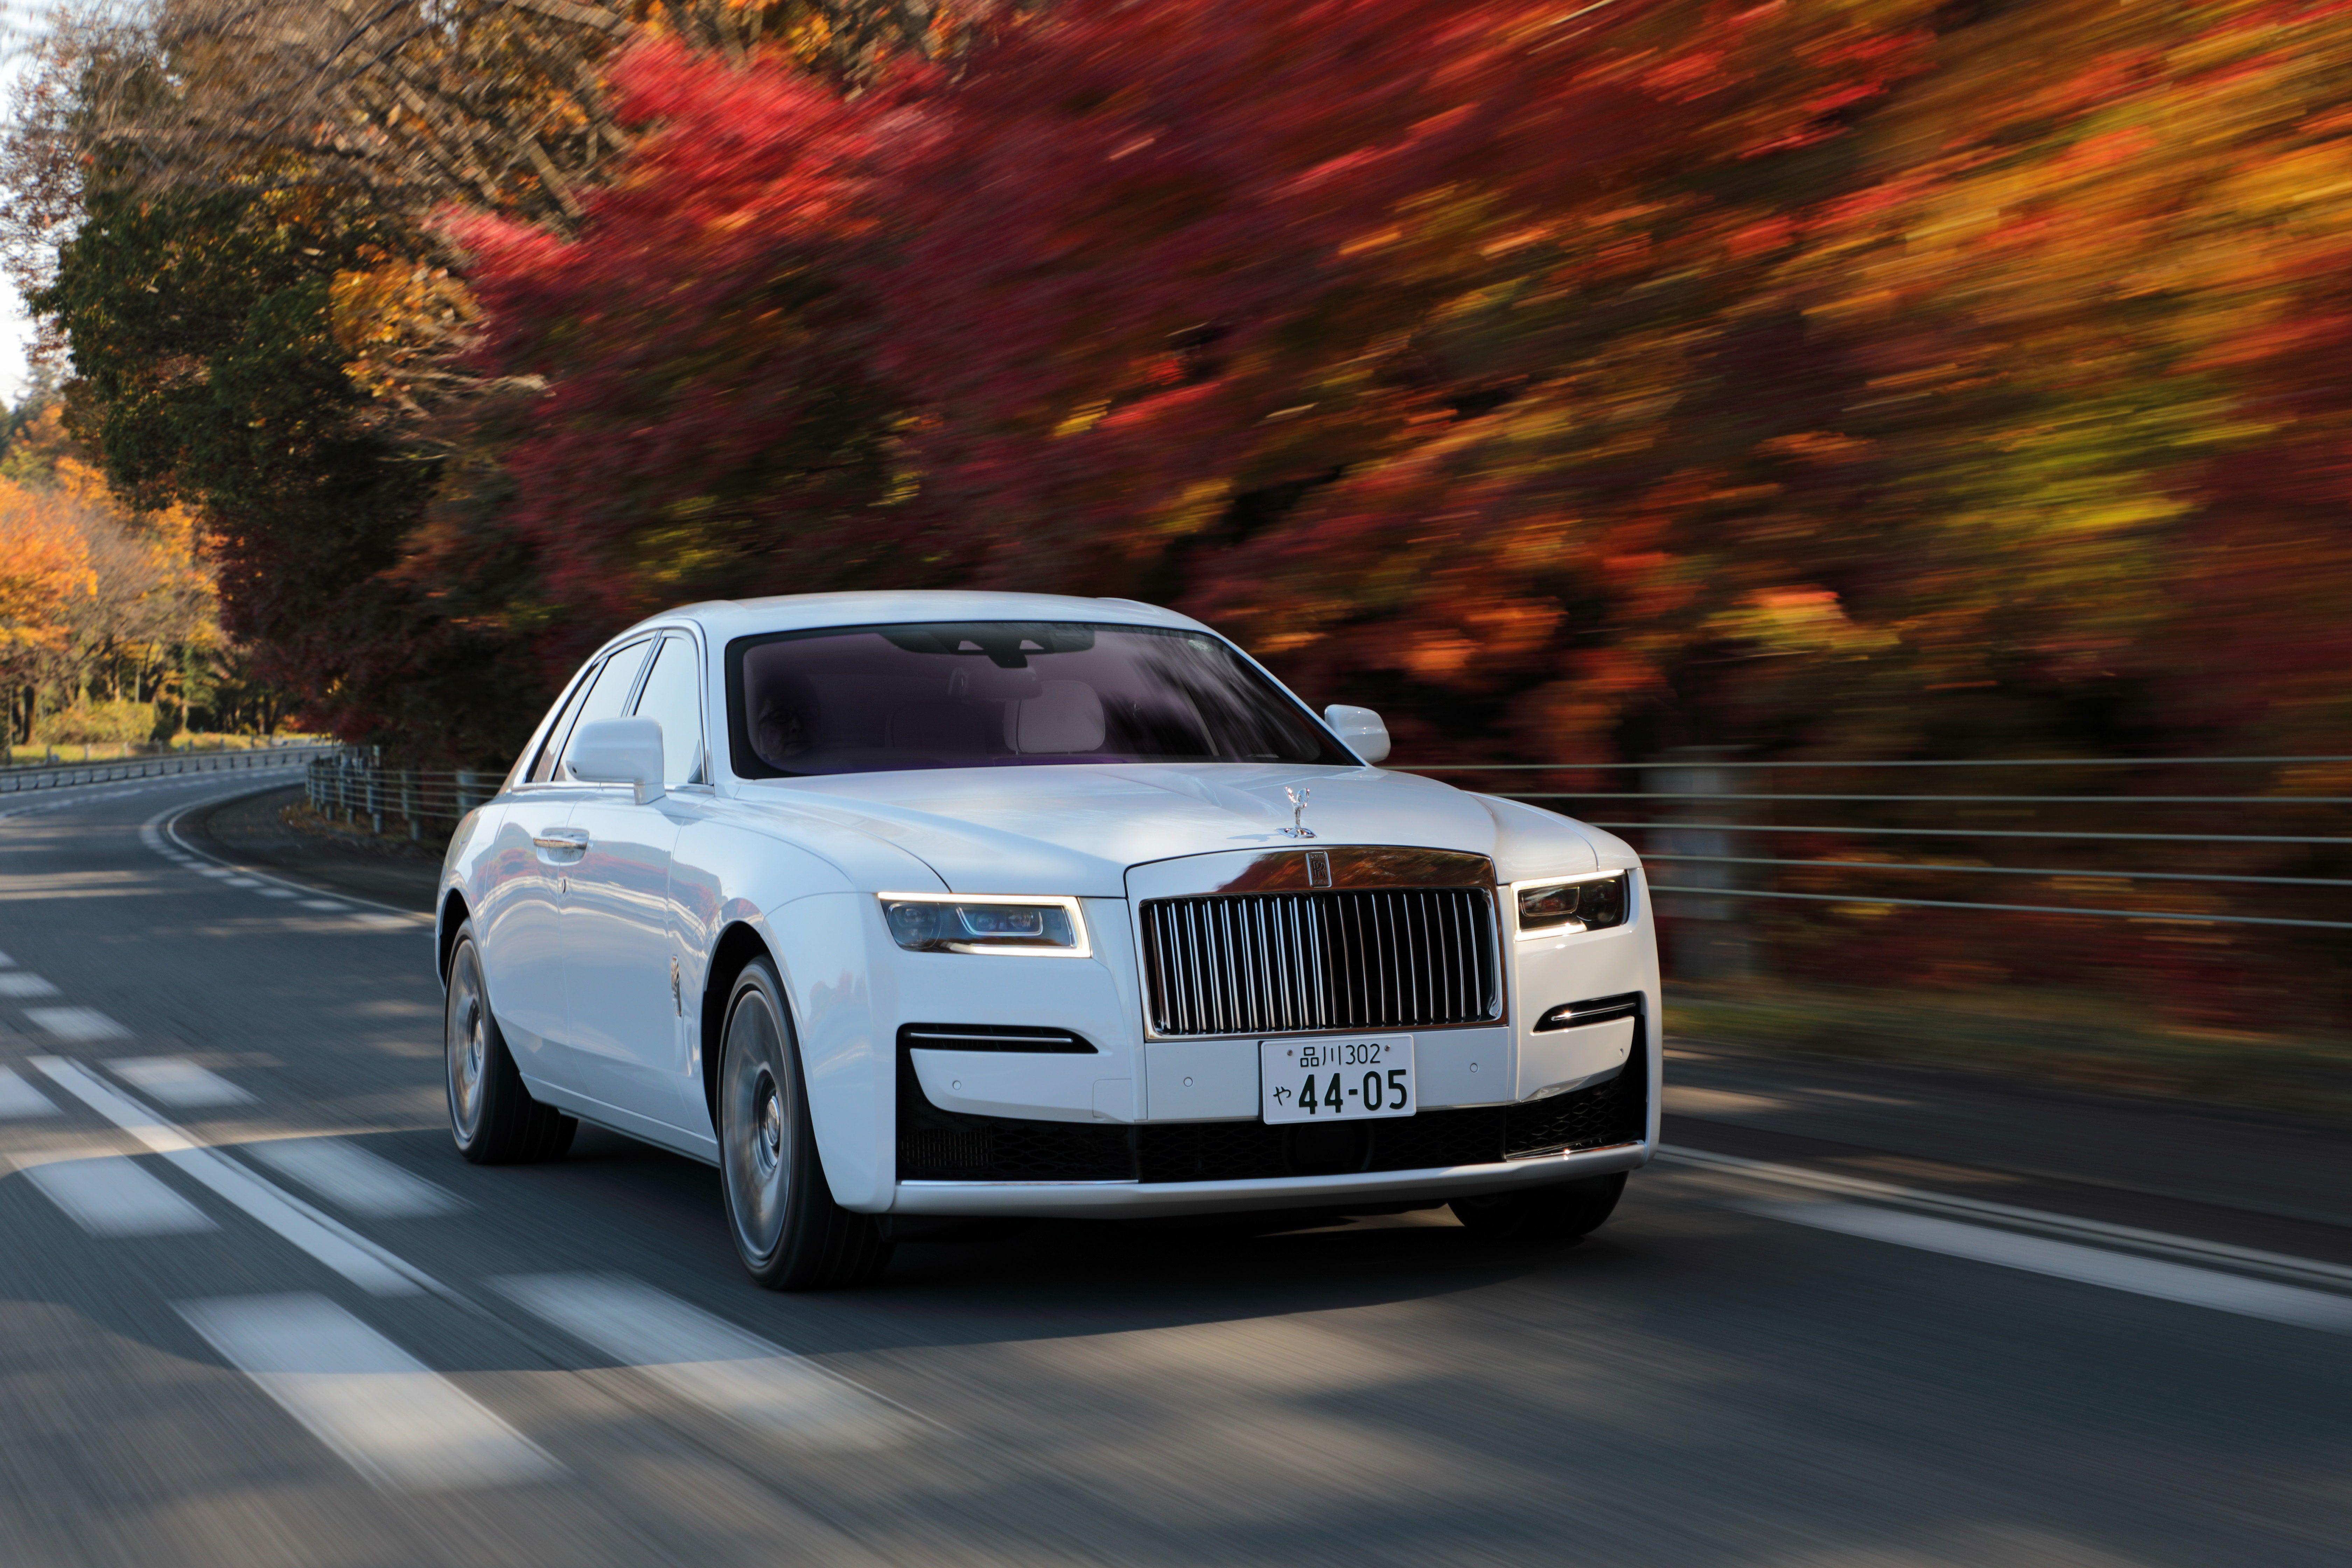 Rolls Royce Ghost 2021 4k Rolls Royce Ghost 2021 4k Wallpapers In 2021 Rolls Royce Royce Ghost Ultra hd rolls royce car hd wallpapers